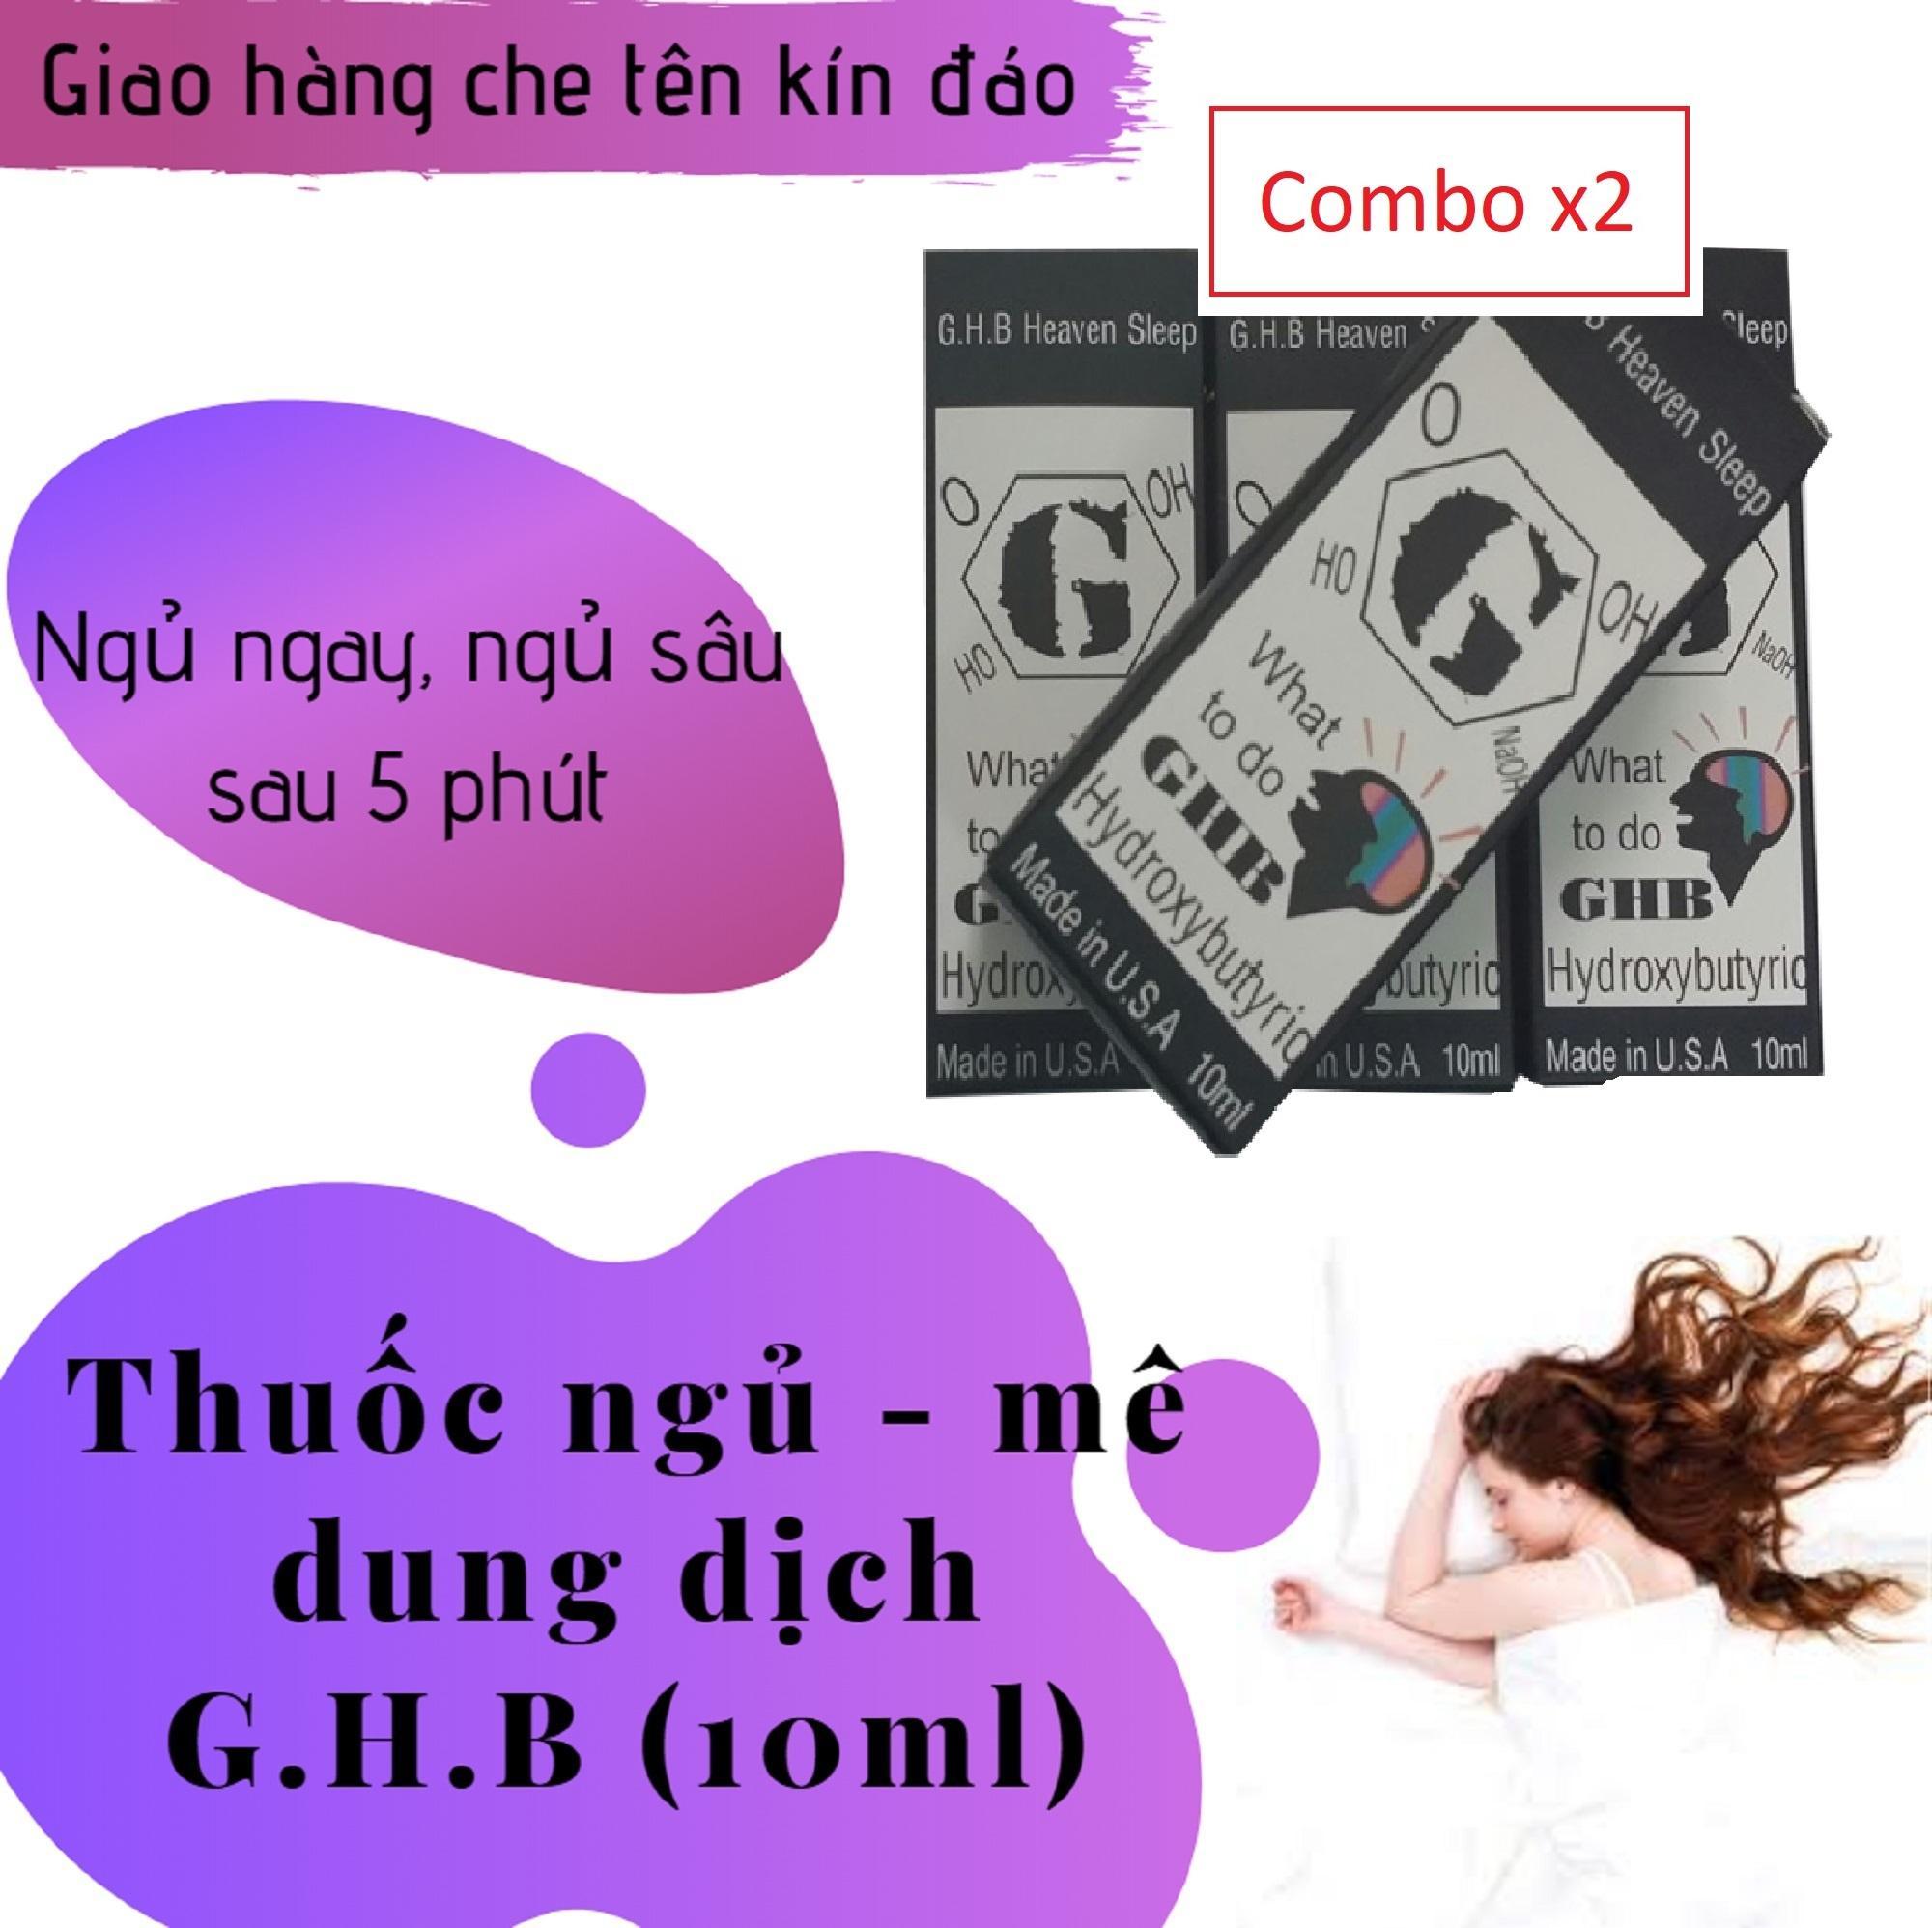 Combo x2 Thuốc_dung dịch hỗ trợ giấc ngủ G.H.B (GHB) (chai 10ml) giá mê ly nhập khẩu